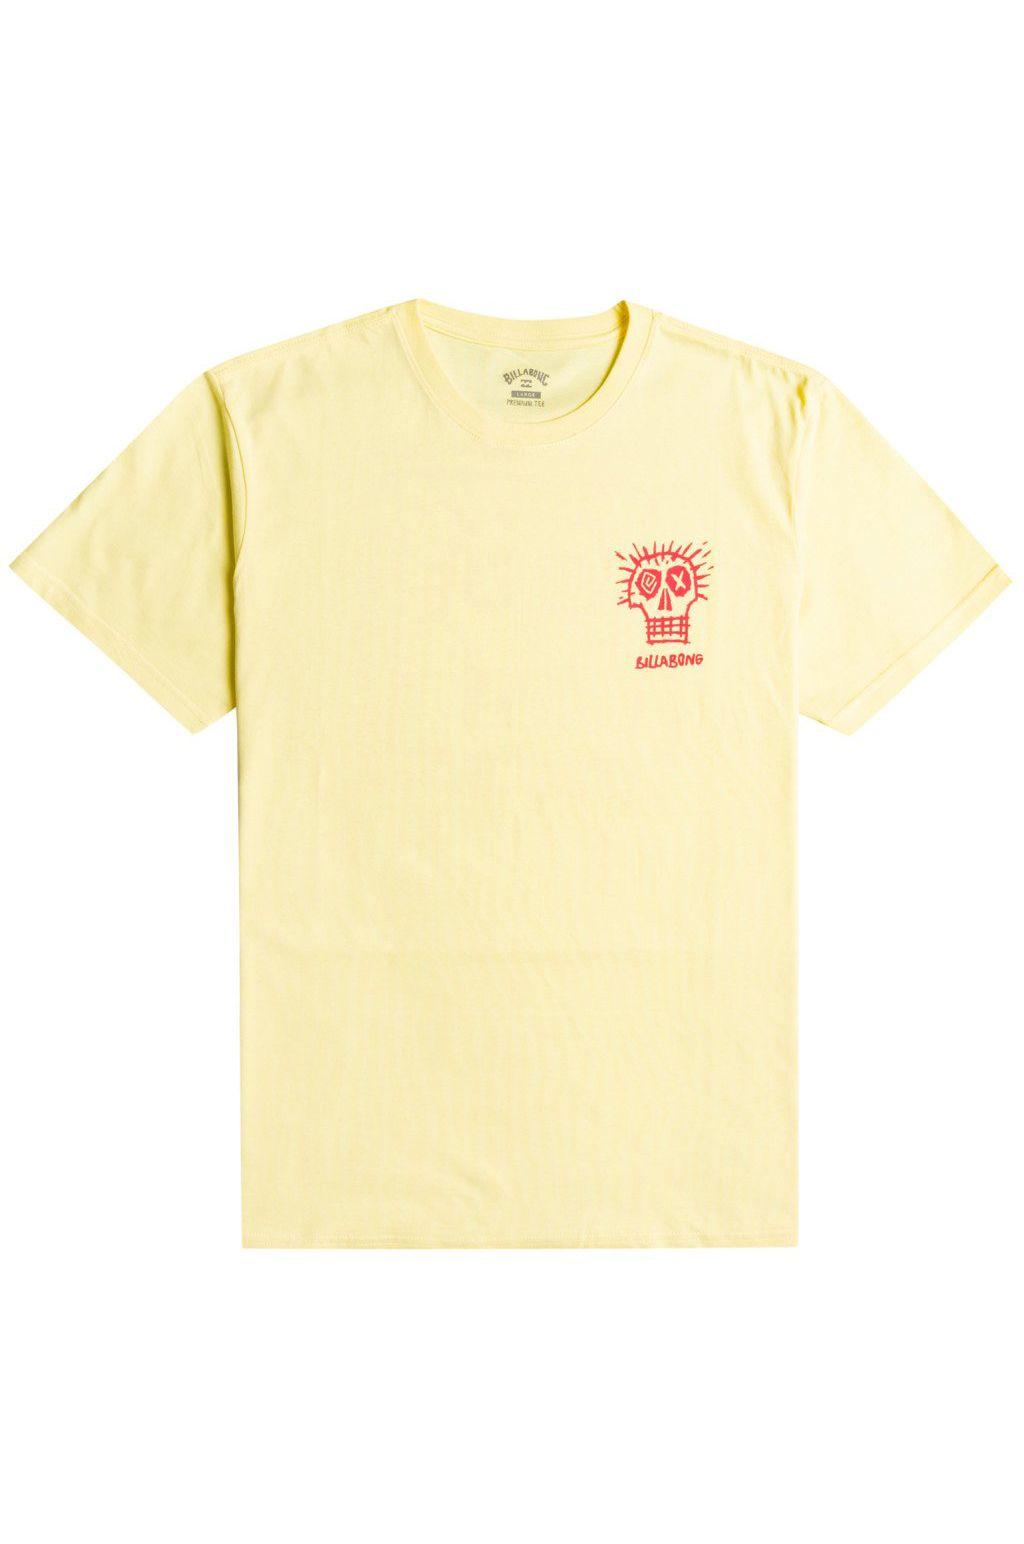 T-Shirt Billabong BAD BILLY SS Beeswax